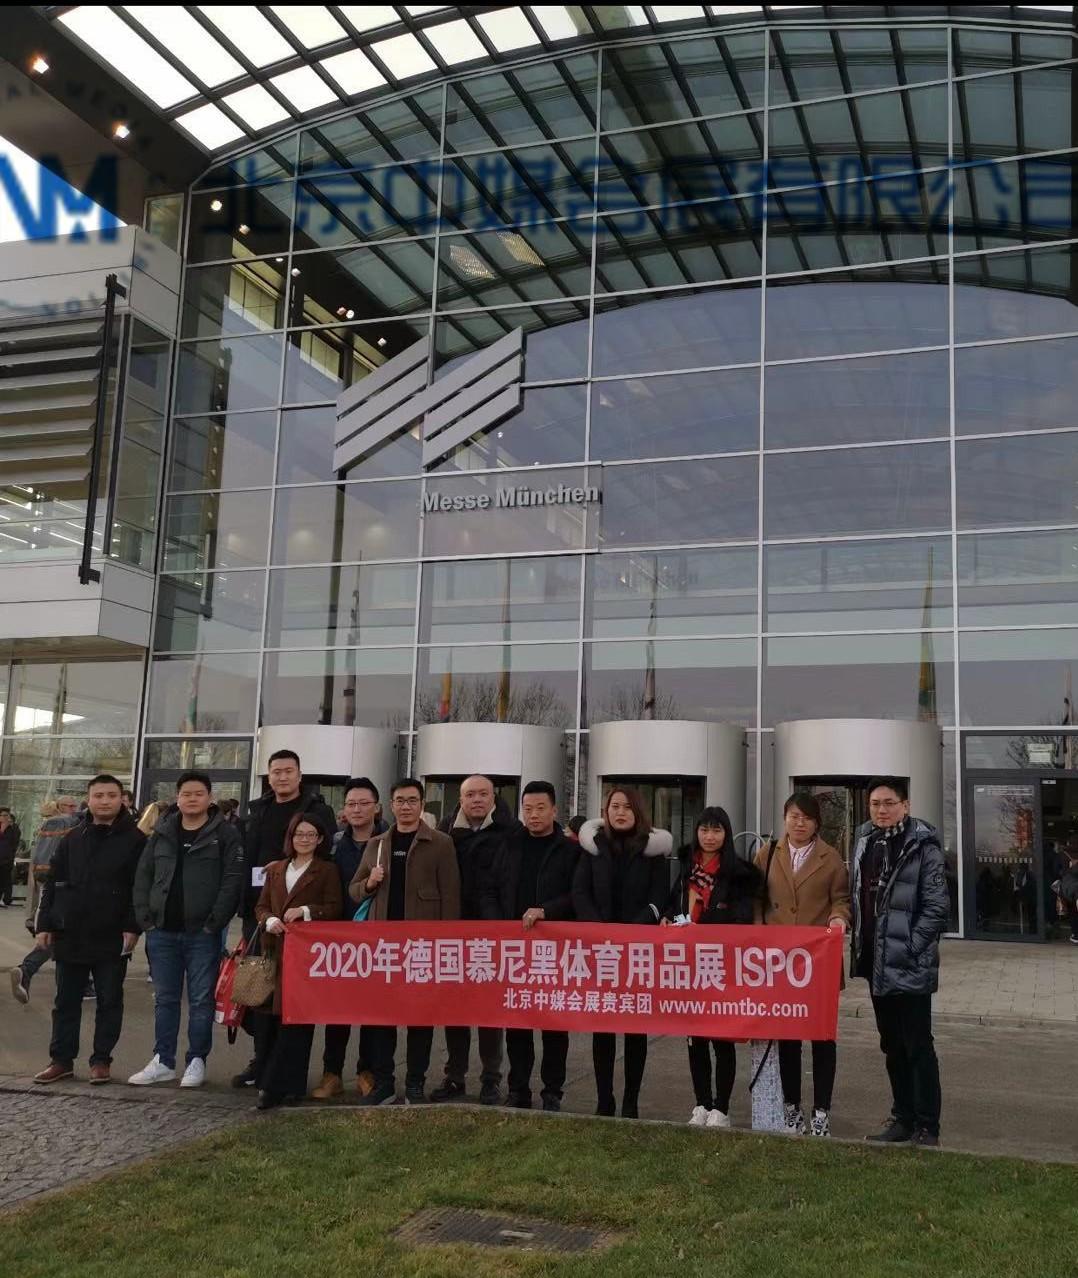 2020年1月德国慕尼黑体育用品展